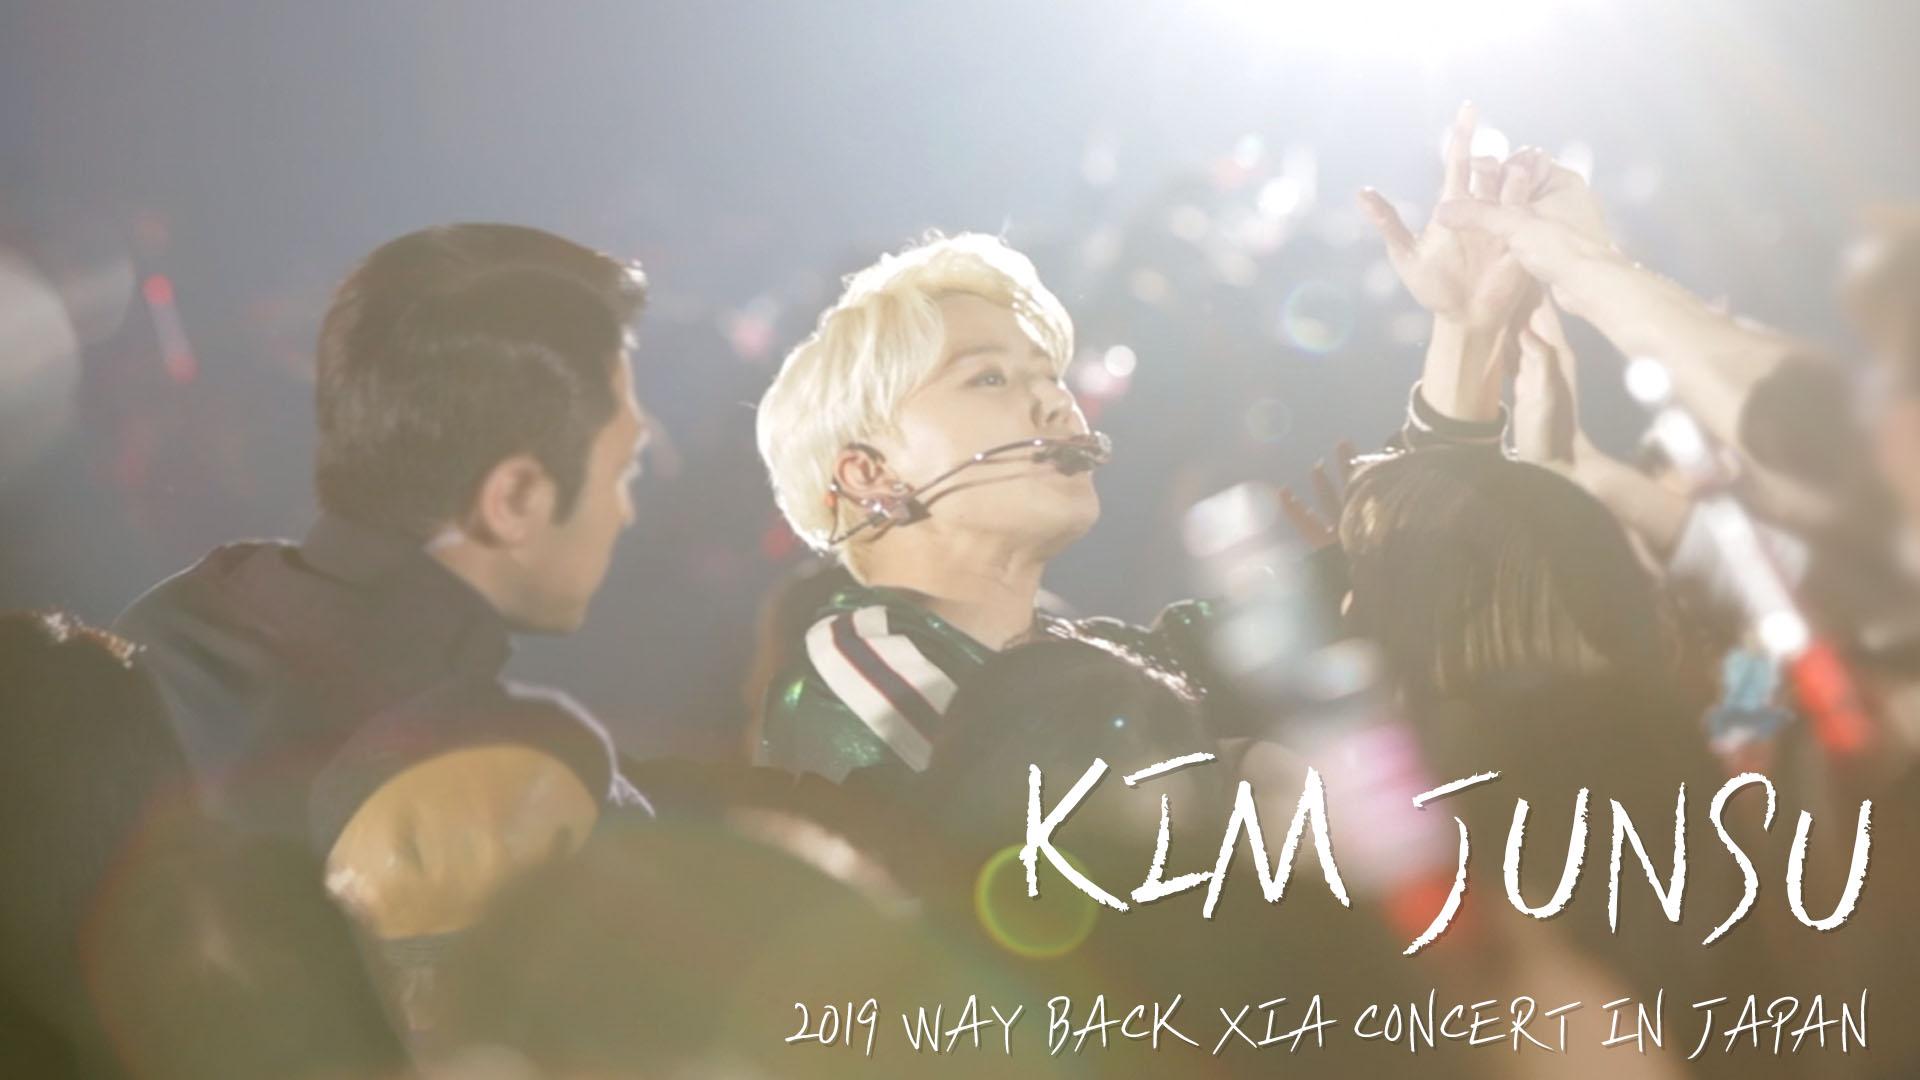 [김준수] 'WAY BACK XIA CONCERT' IN JAPAN 비하인드 (Concert Behind) ㅣXIA